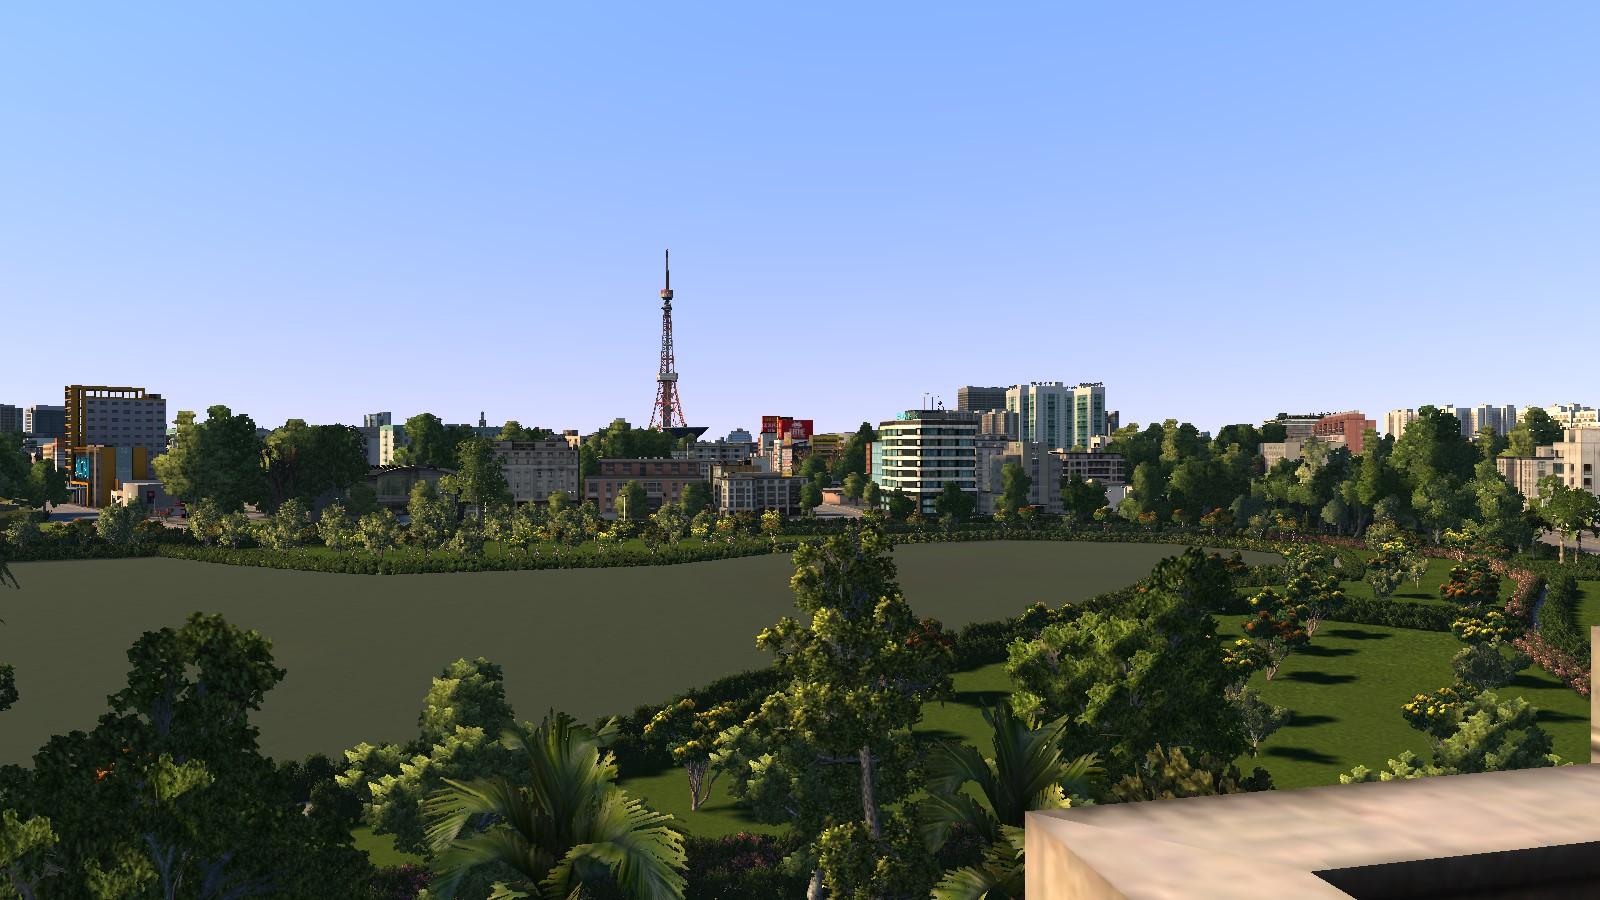 gamescreen0551.jpg